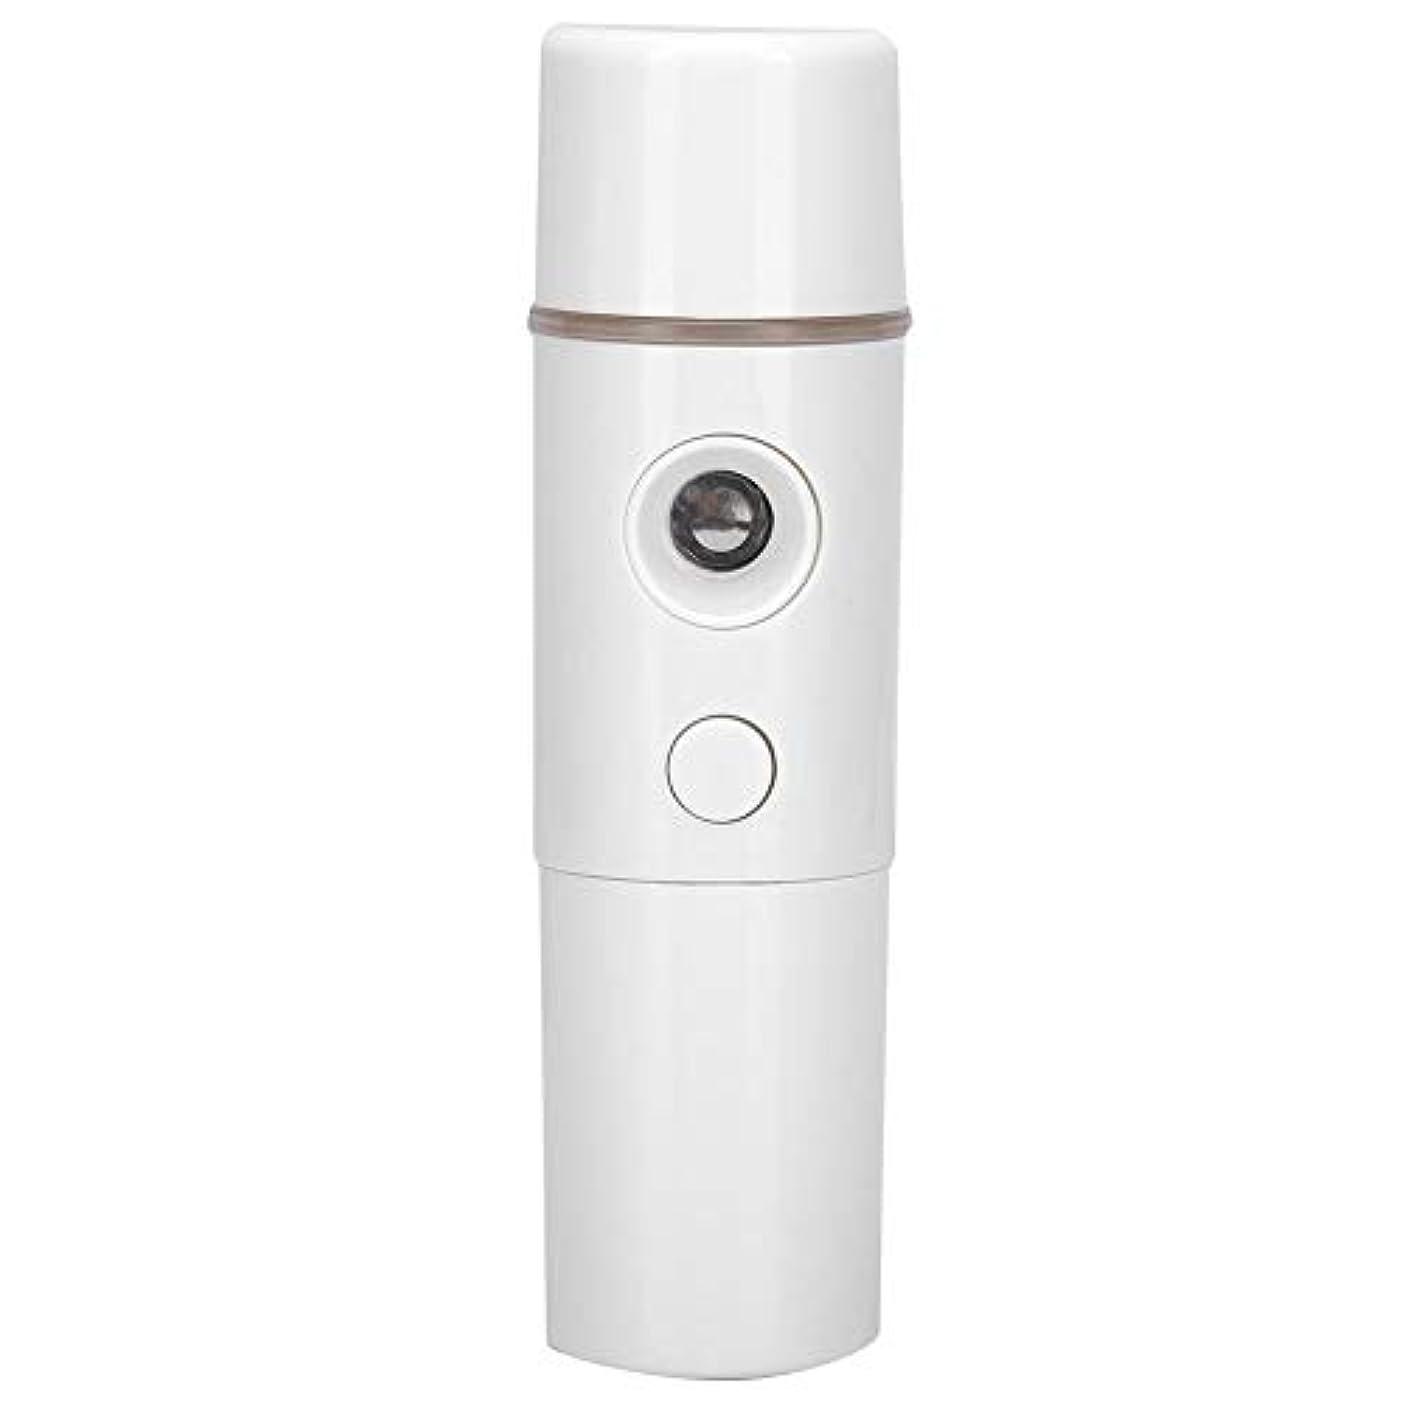 革命的背の高いワット噴霧スプレー、15ミリリットルポータブルナノミストスプレーフェイスネブライザー保湿加湿器